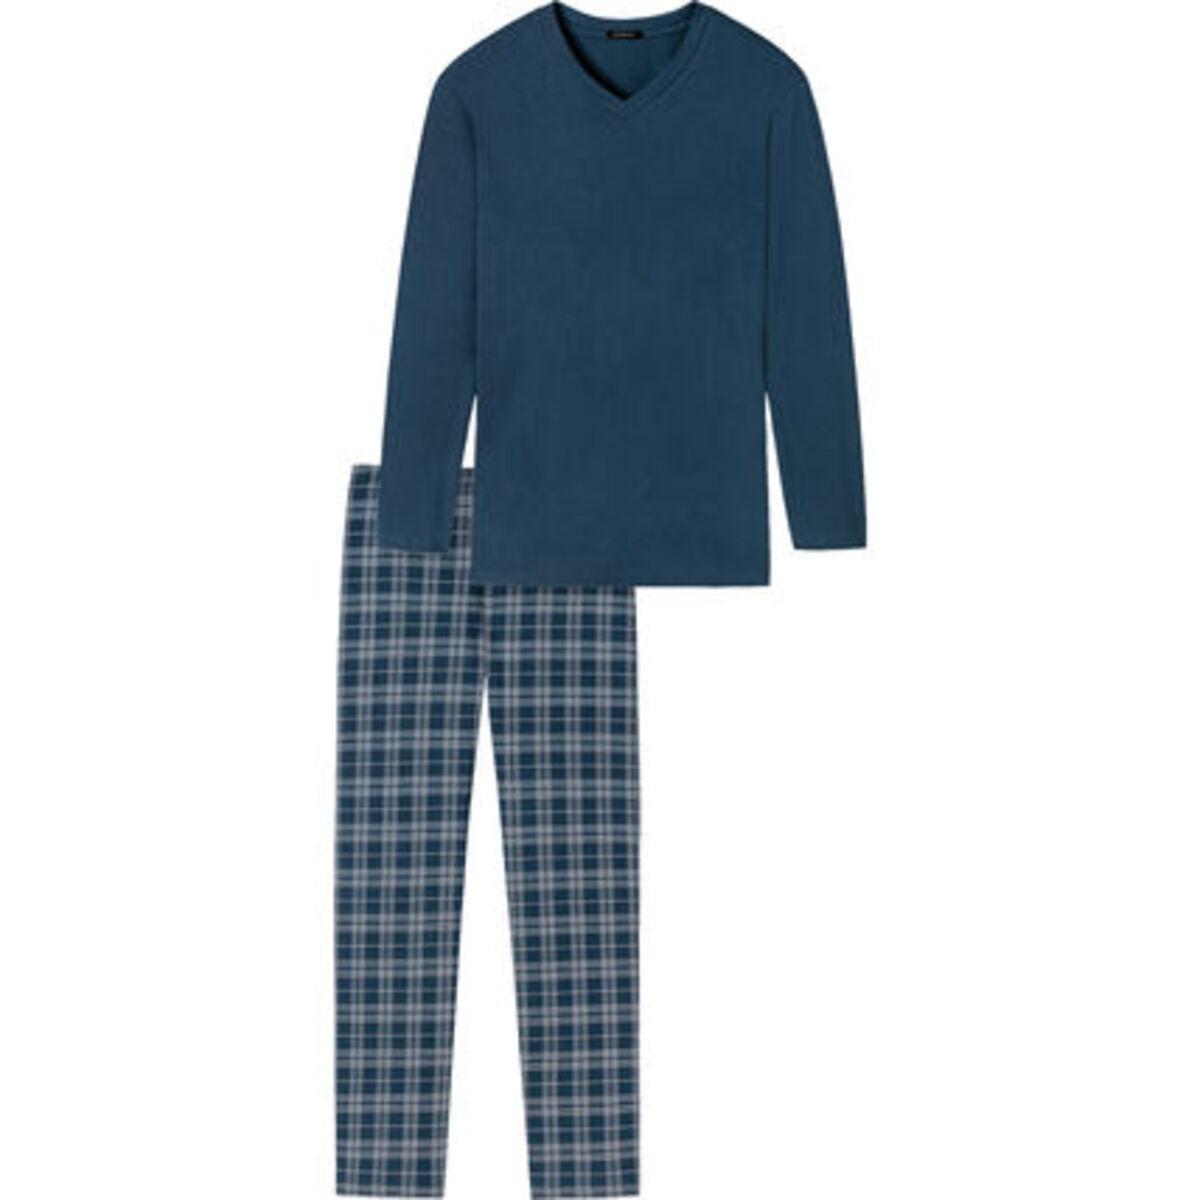 Bild 3 von Schiesser Schlafanzug, lang, Karohose, Baumwolle, für Herren